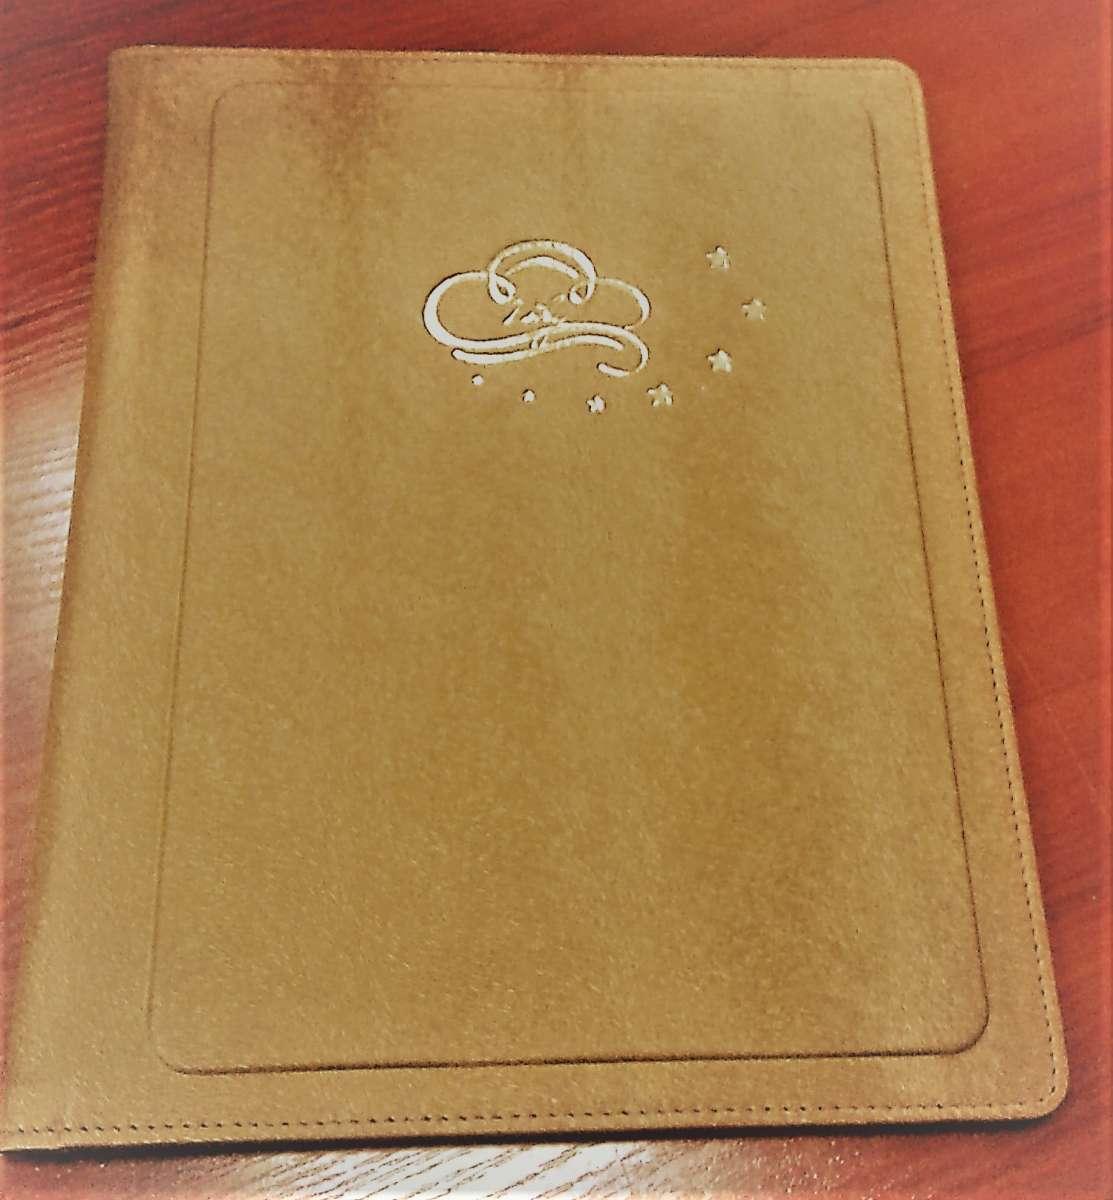 Меню, папки-меню для ресторанів, гостеві книги, директорії для готелів